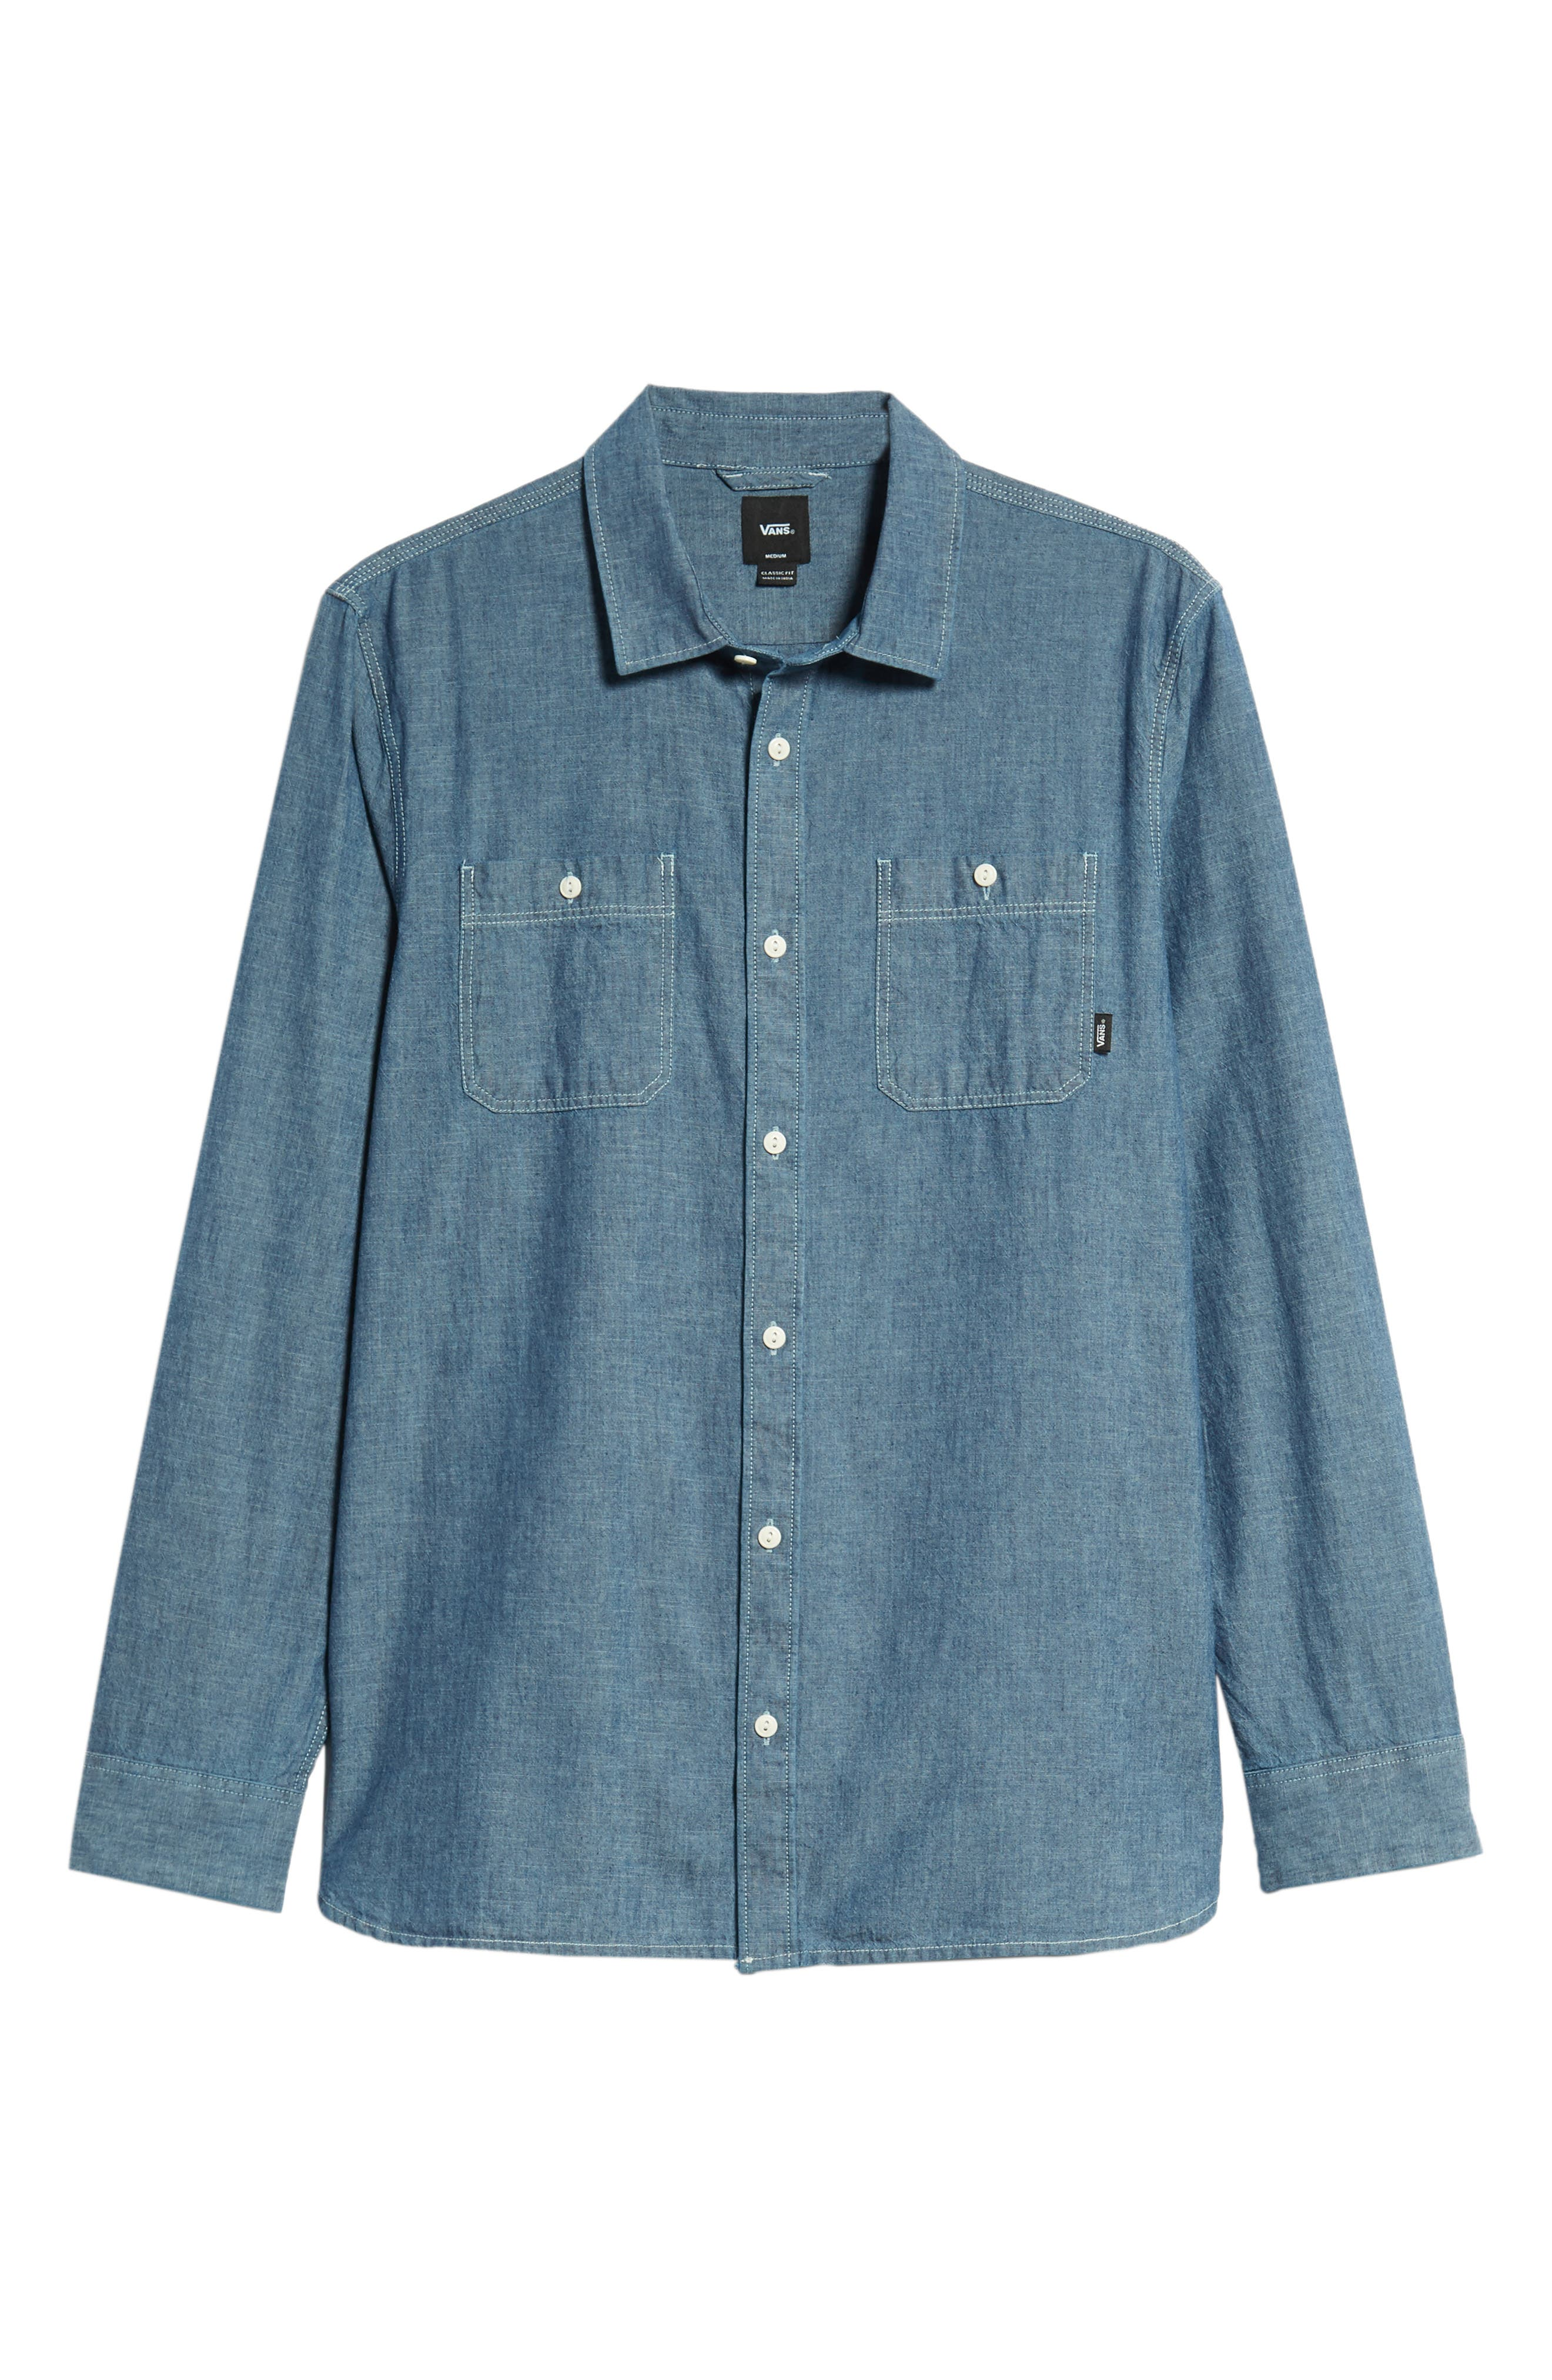 Carlow Chambray Shirt,                             Alternate thumbnail 5, color,                             INDIGO CHAMBRAY